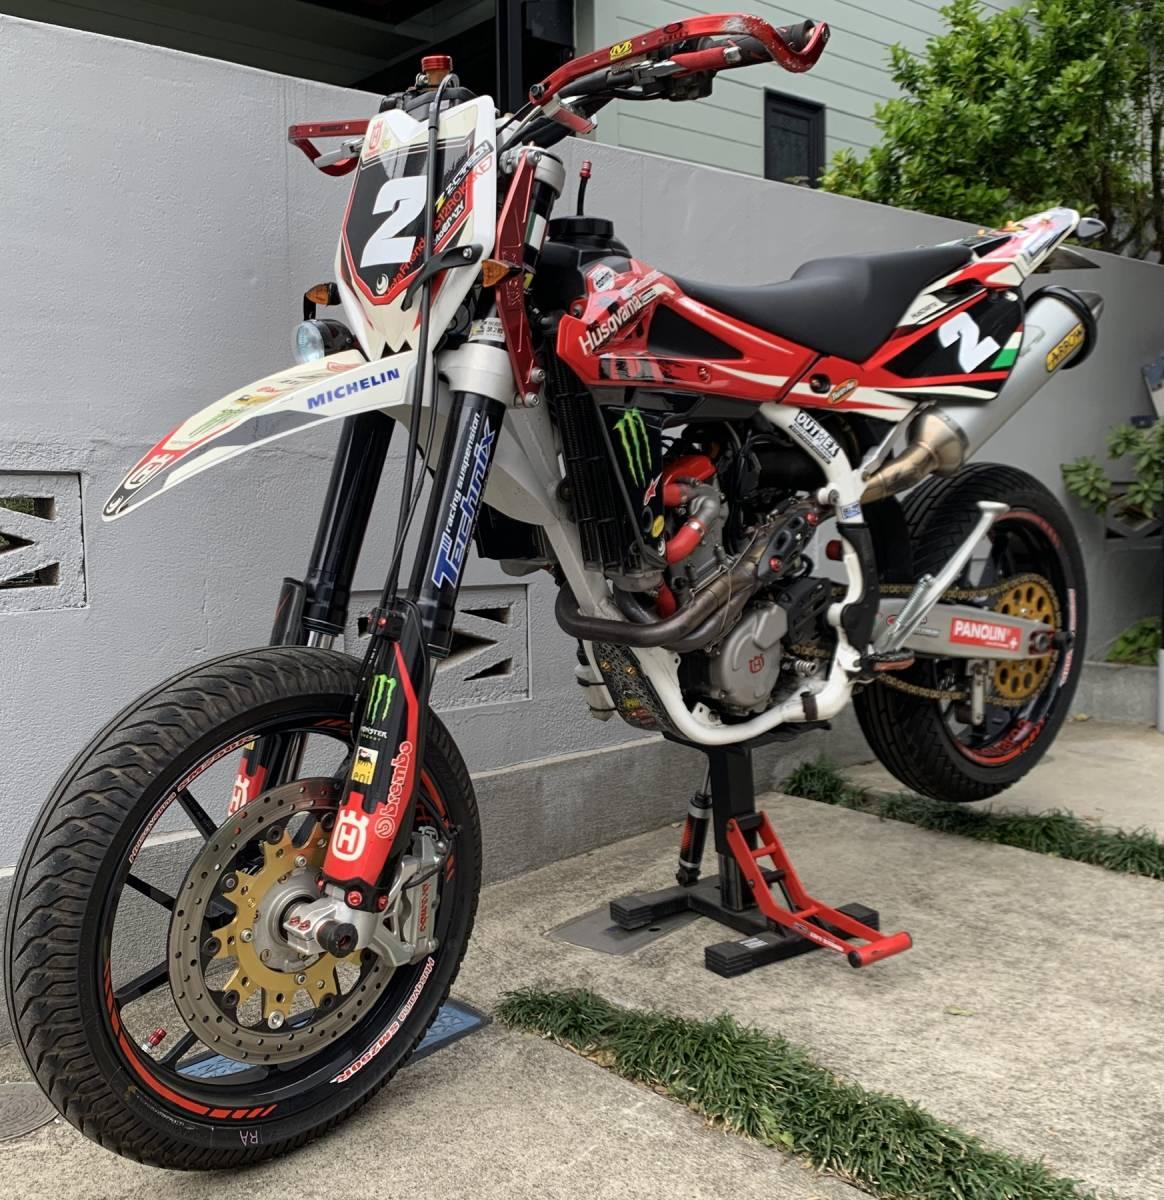 2009年式 インジェクション ハスクバーナSM250R ATHENA300cc 250cc登録 改造多数 予備部品多数_画像4